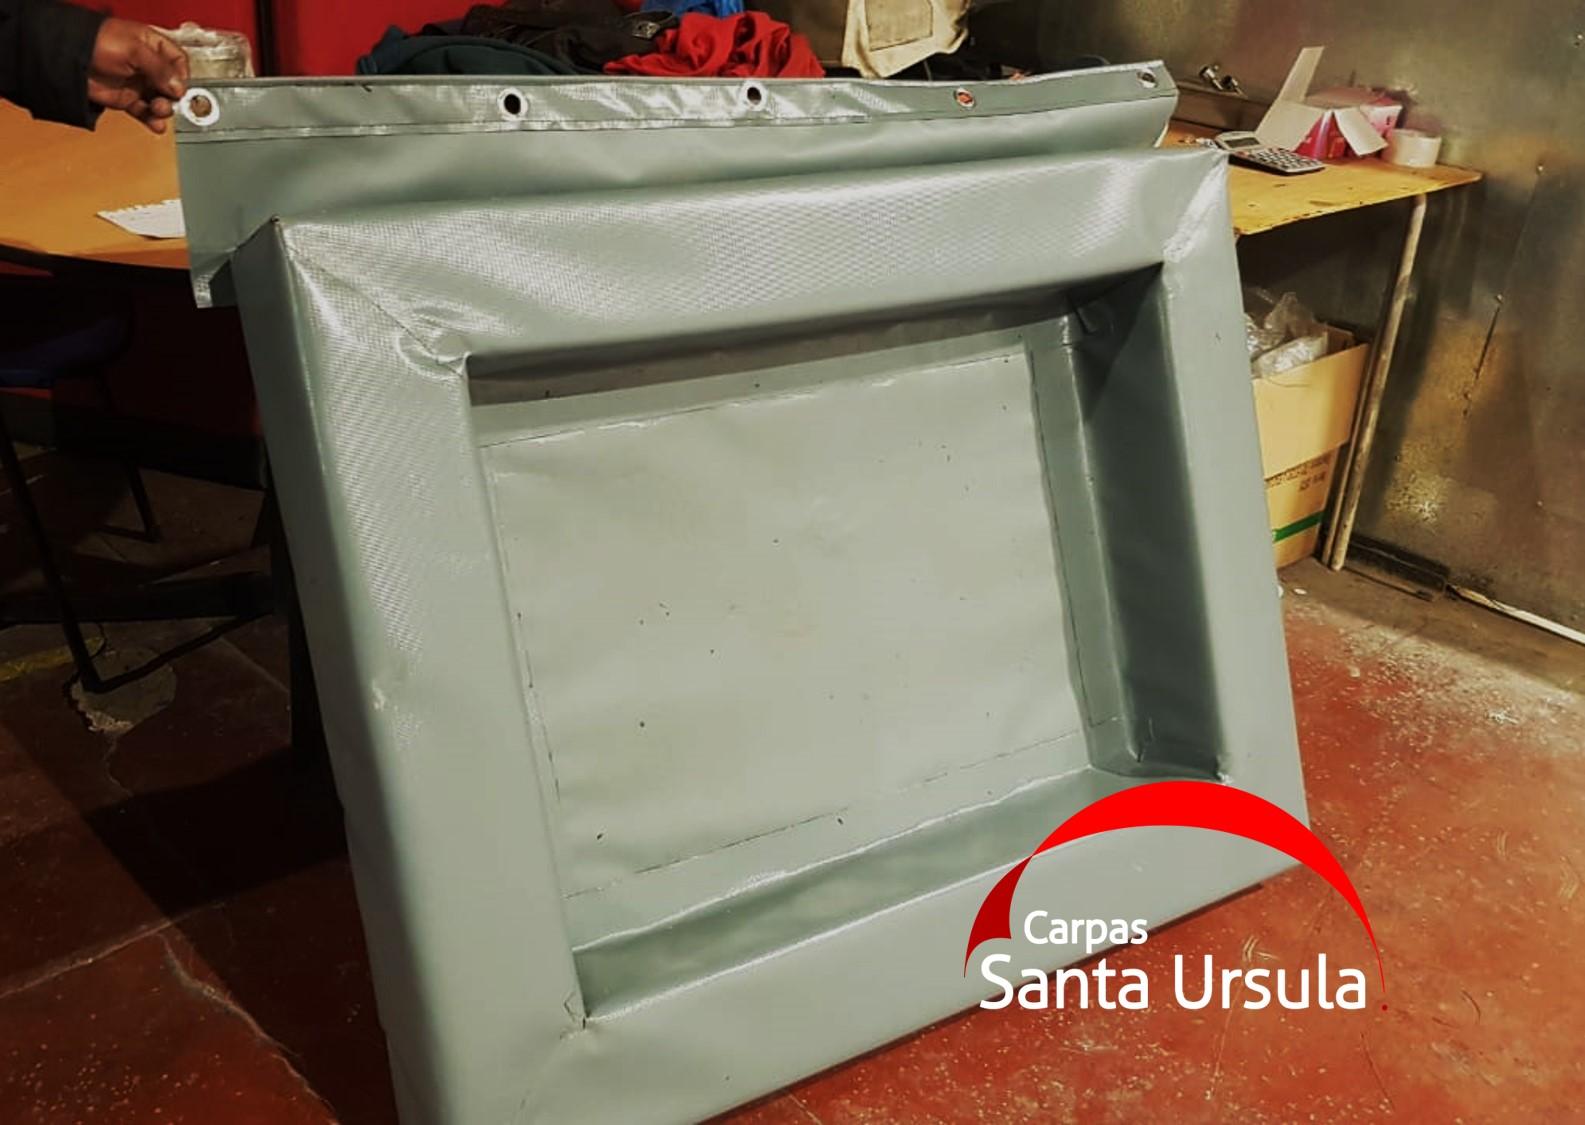 Piscina - Contenedor ecológico de deshechos líquidos maquinaria